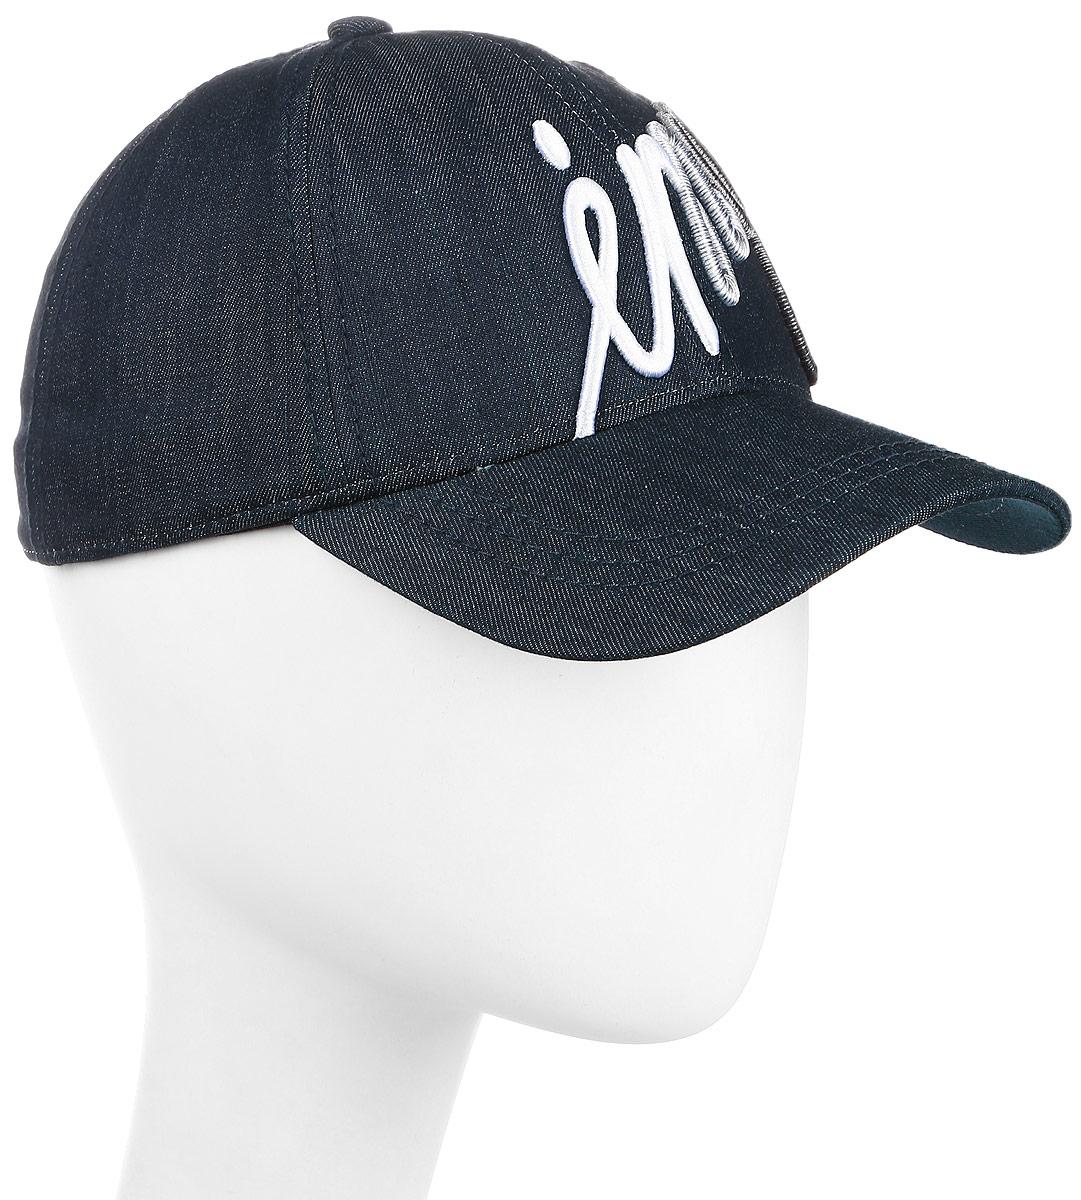 Бейсболка мужская Imojo, цвет: темно-синий. BY131048. Размер 57/59BY131048Классическая форма, с оригинальным принтом.